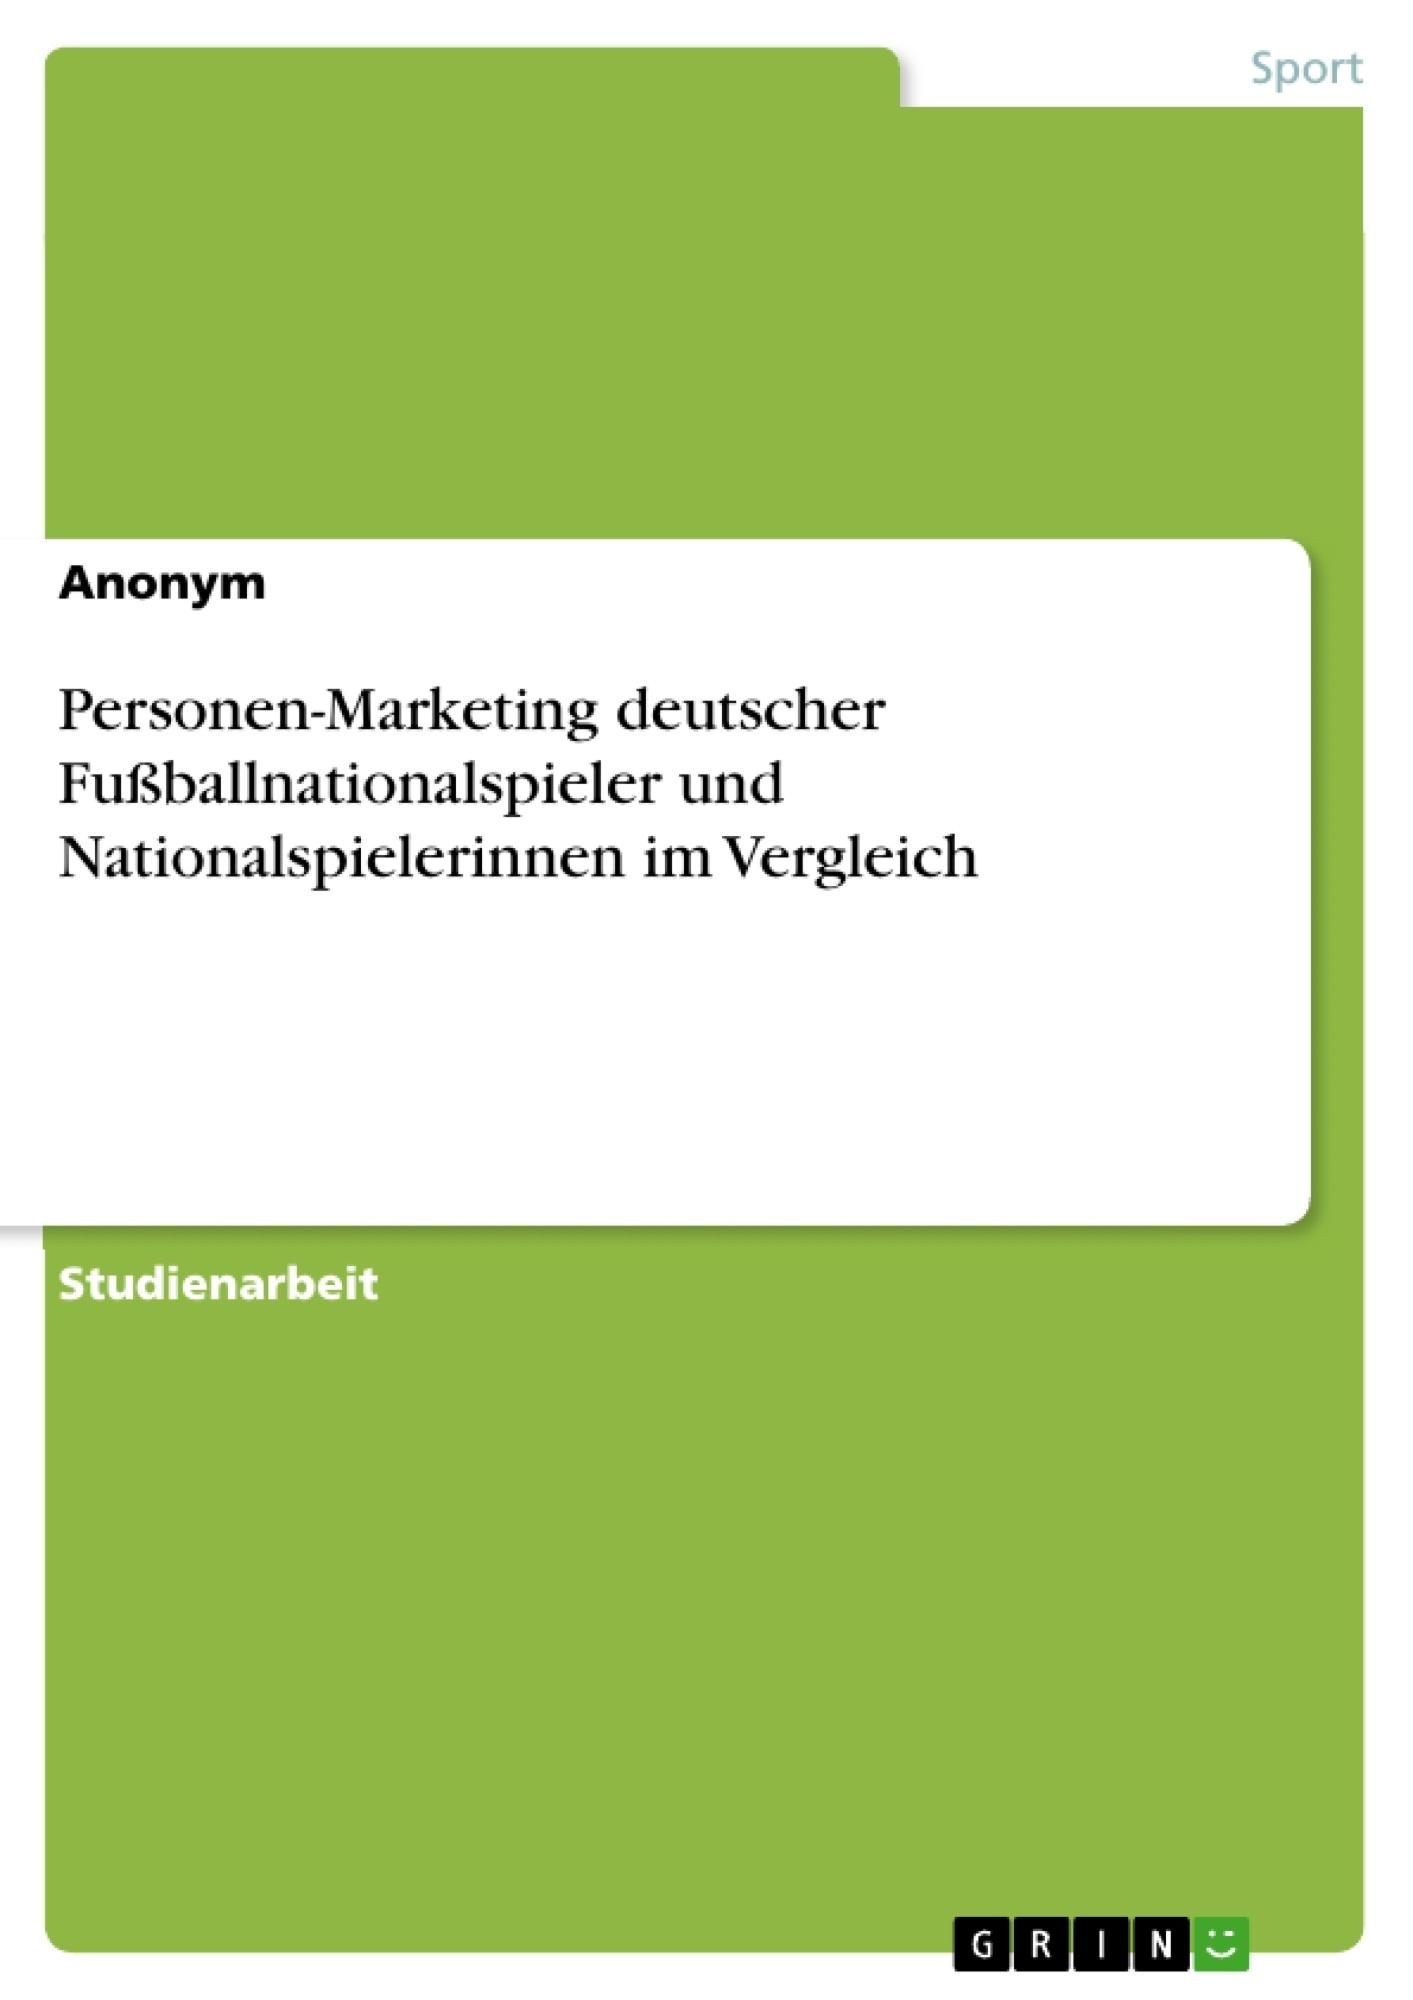 Titel: Personen-Marketing deutscher Fußballnationalspieler und Nationalspielerinnen im Vergleich